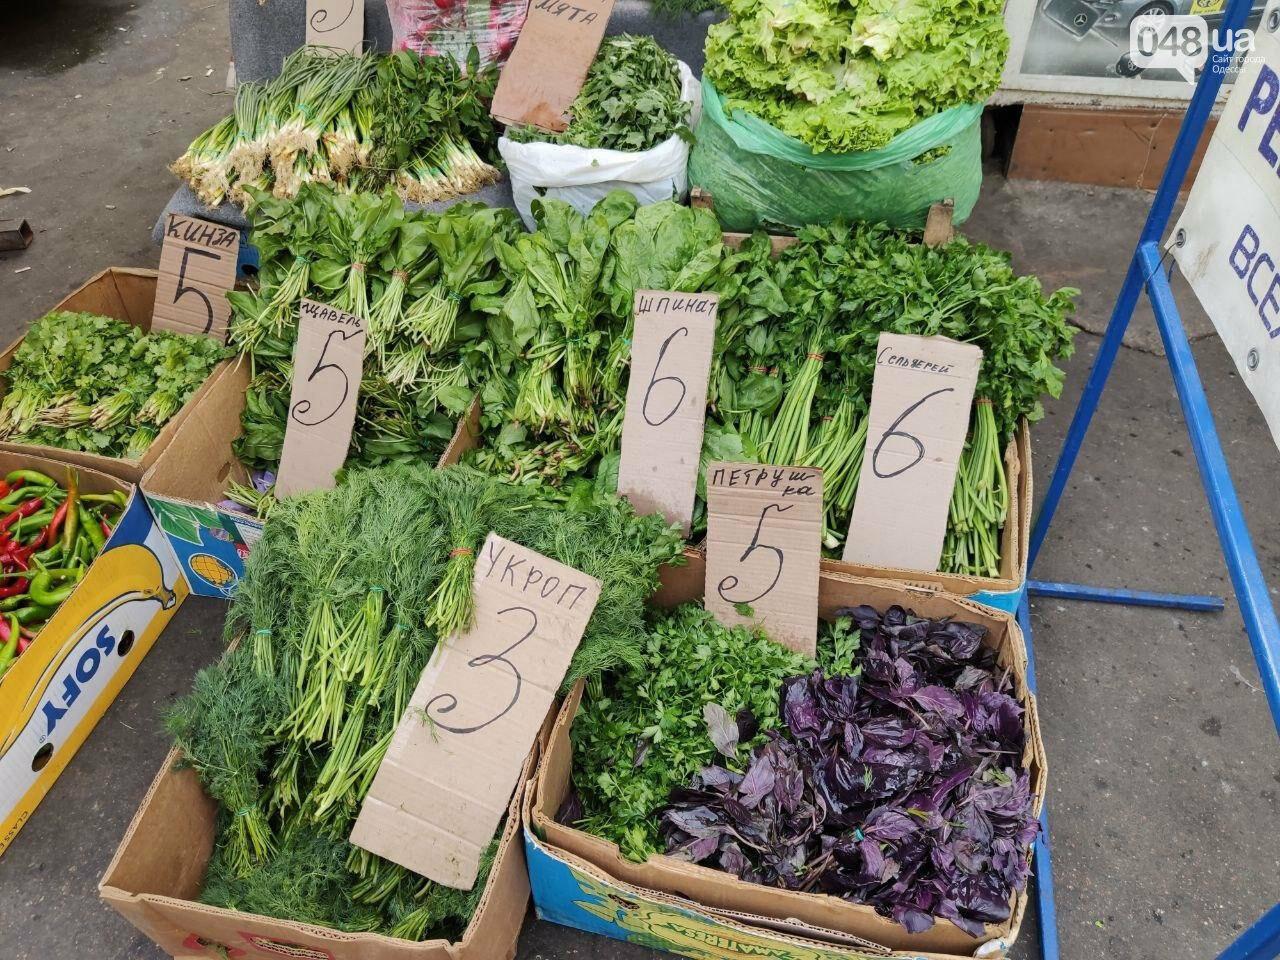 Почем в Одессе фрукты и овощи: актуальные цены Привоза в этот четверг, - ФОТО, фото-4